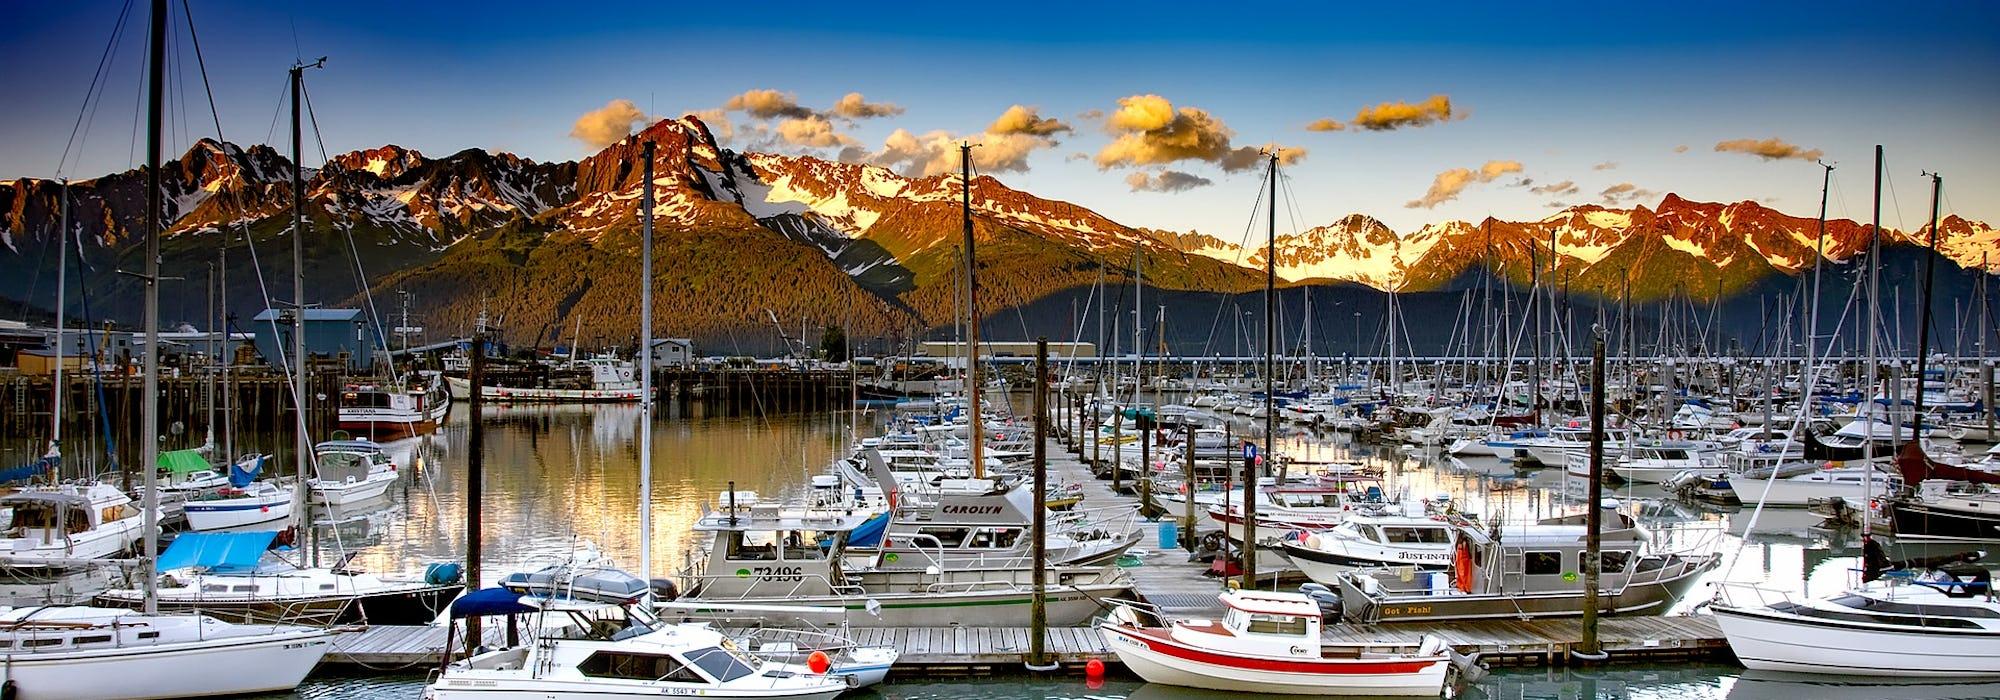 Seward's småbåtshamn med mängder av segelbåtar i förgrunden och snötäckta berg i bakgrunden.